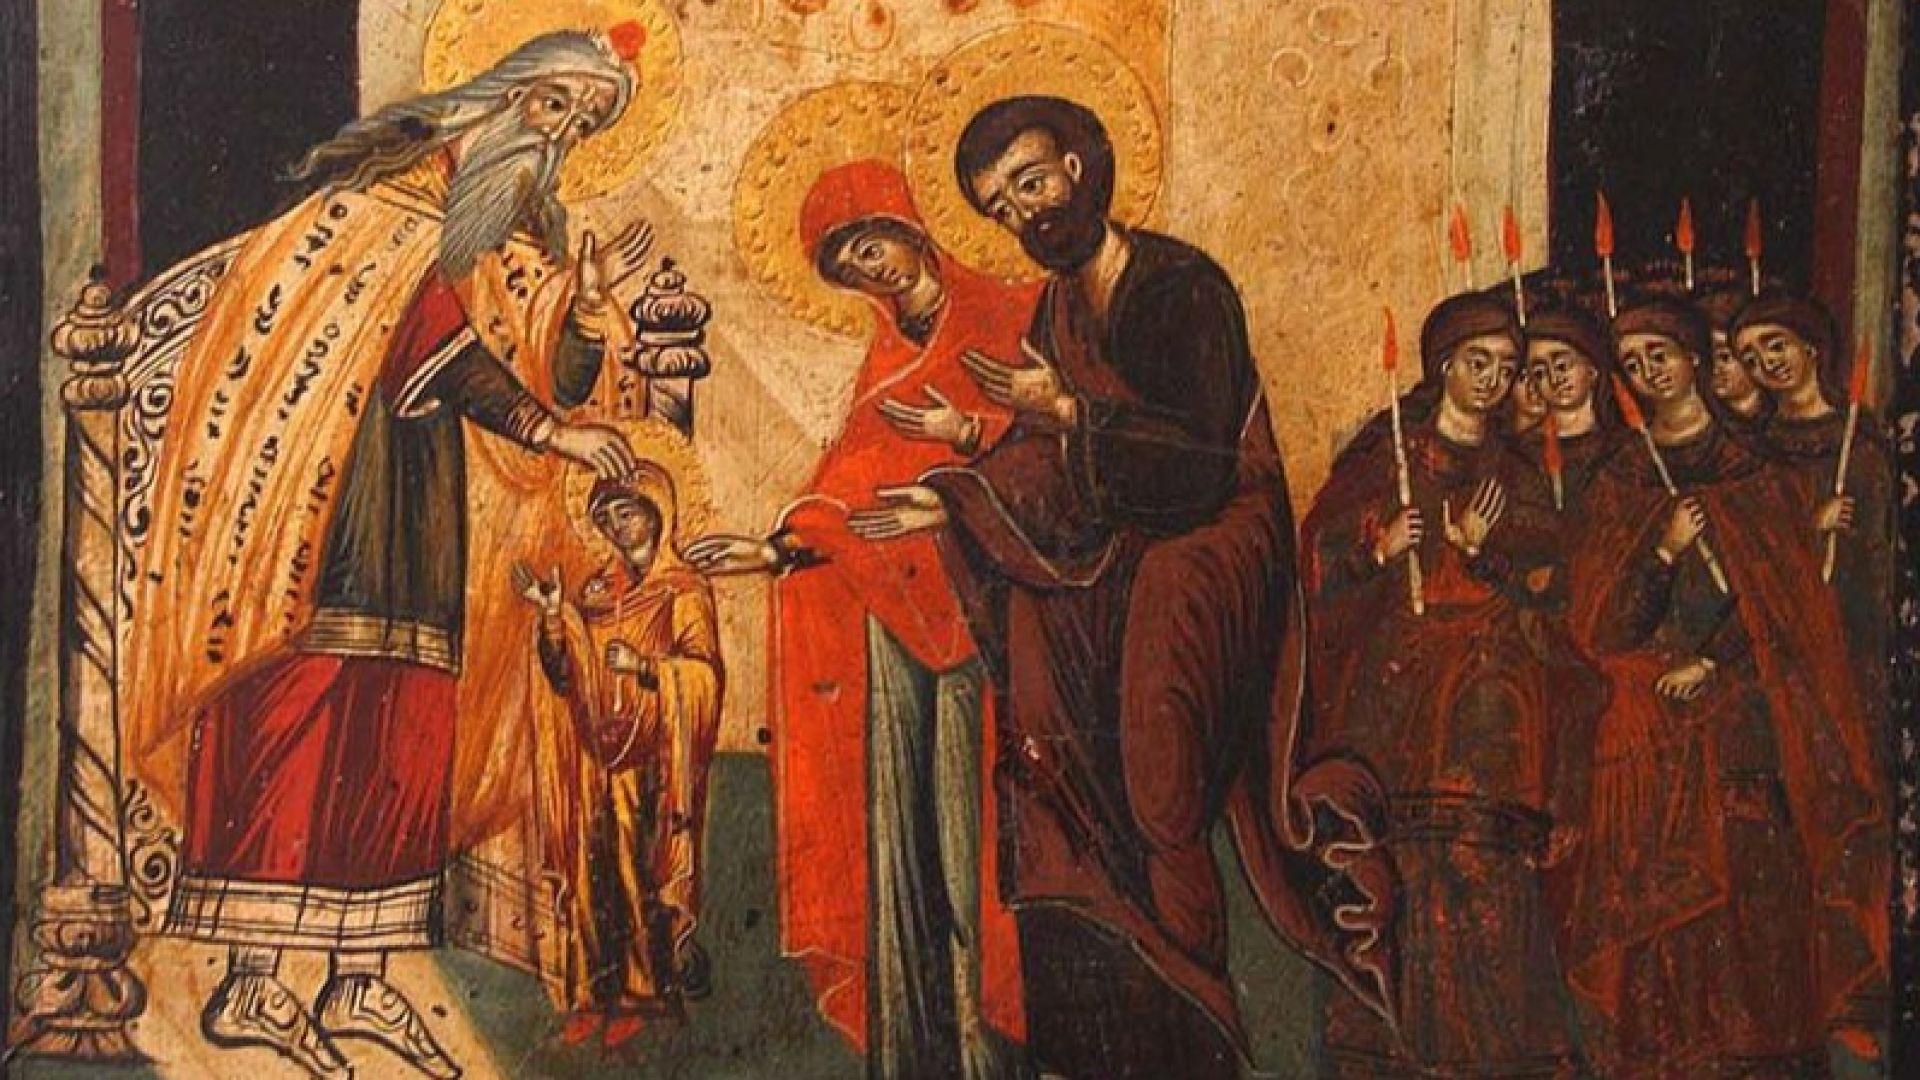 Християните отбелязват днес Въведение Богородично